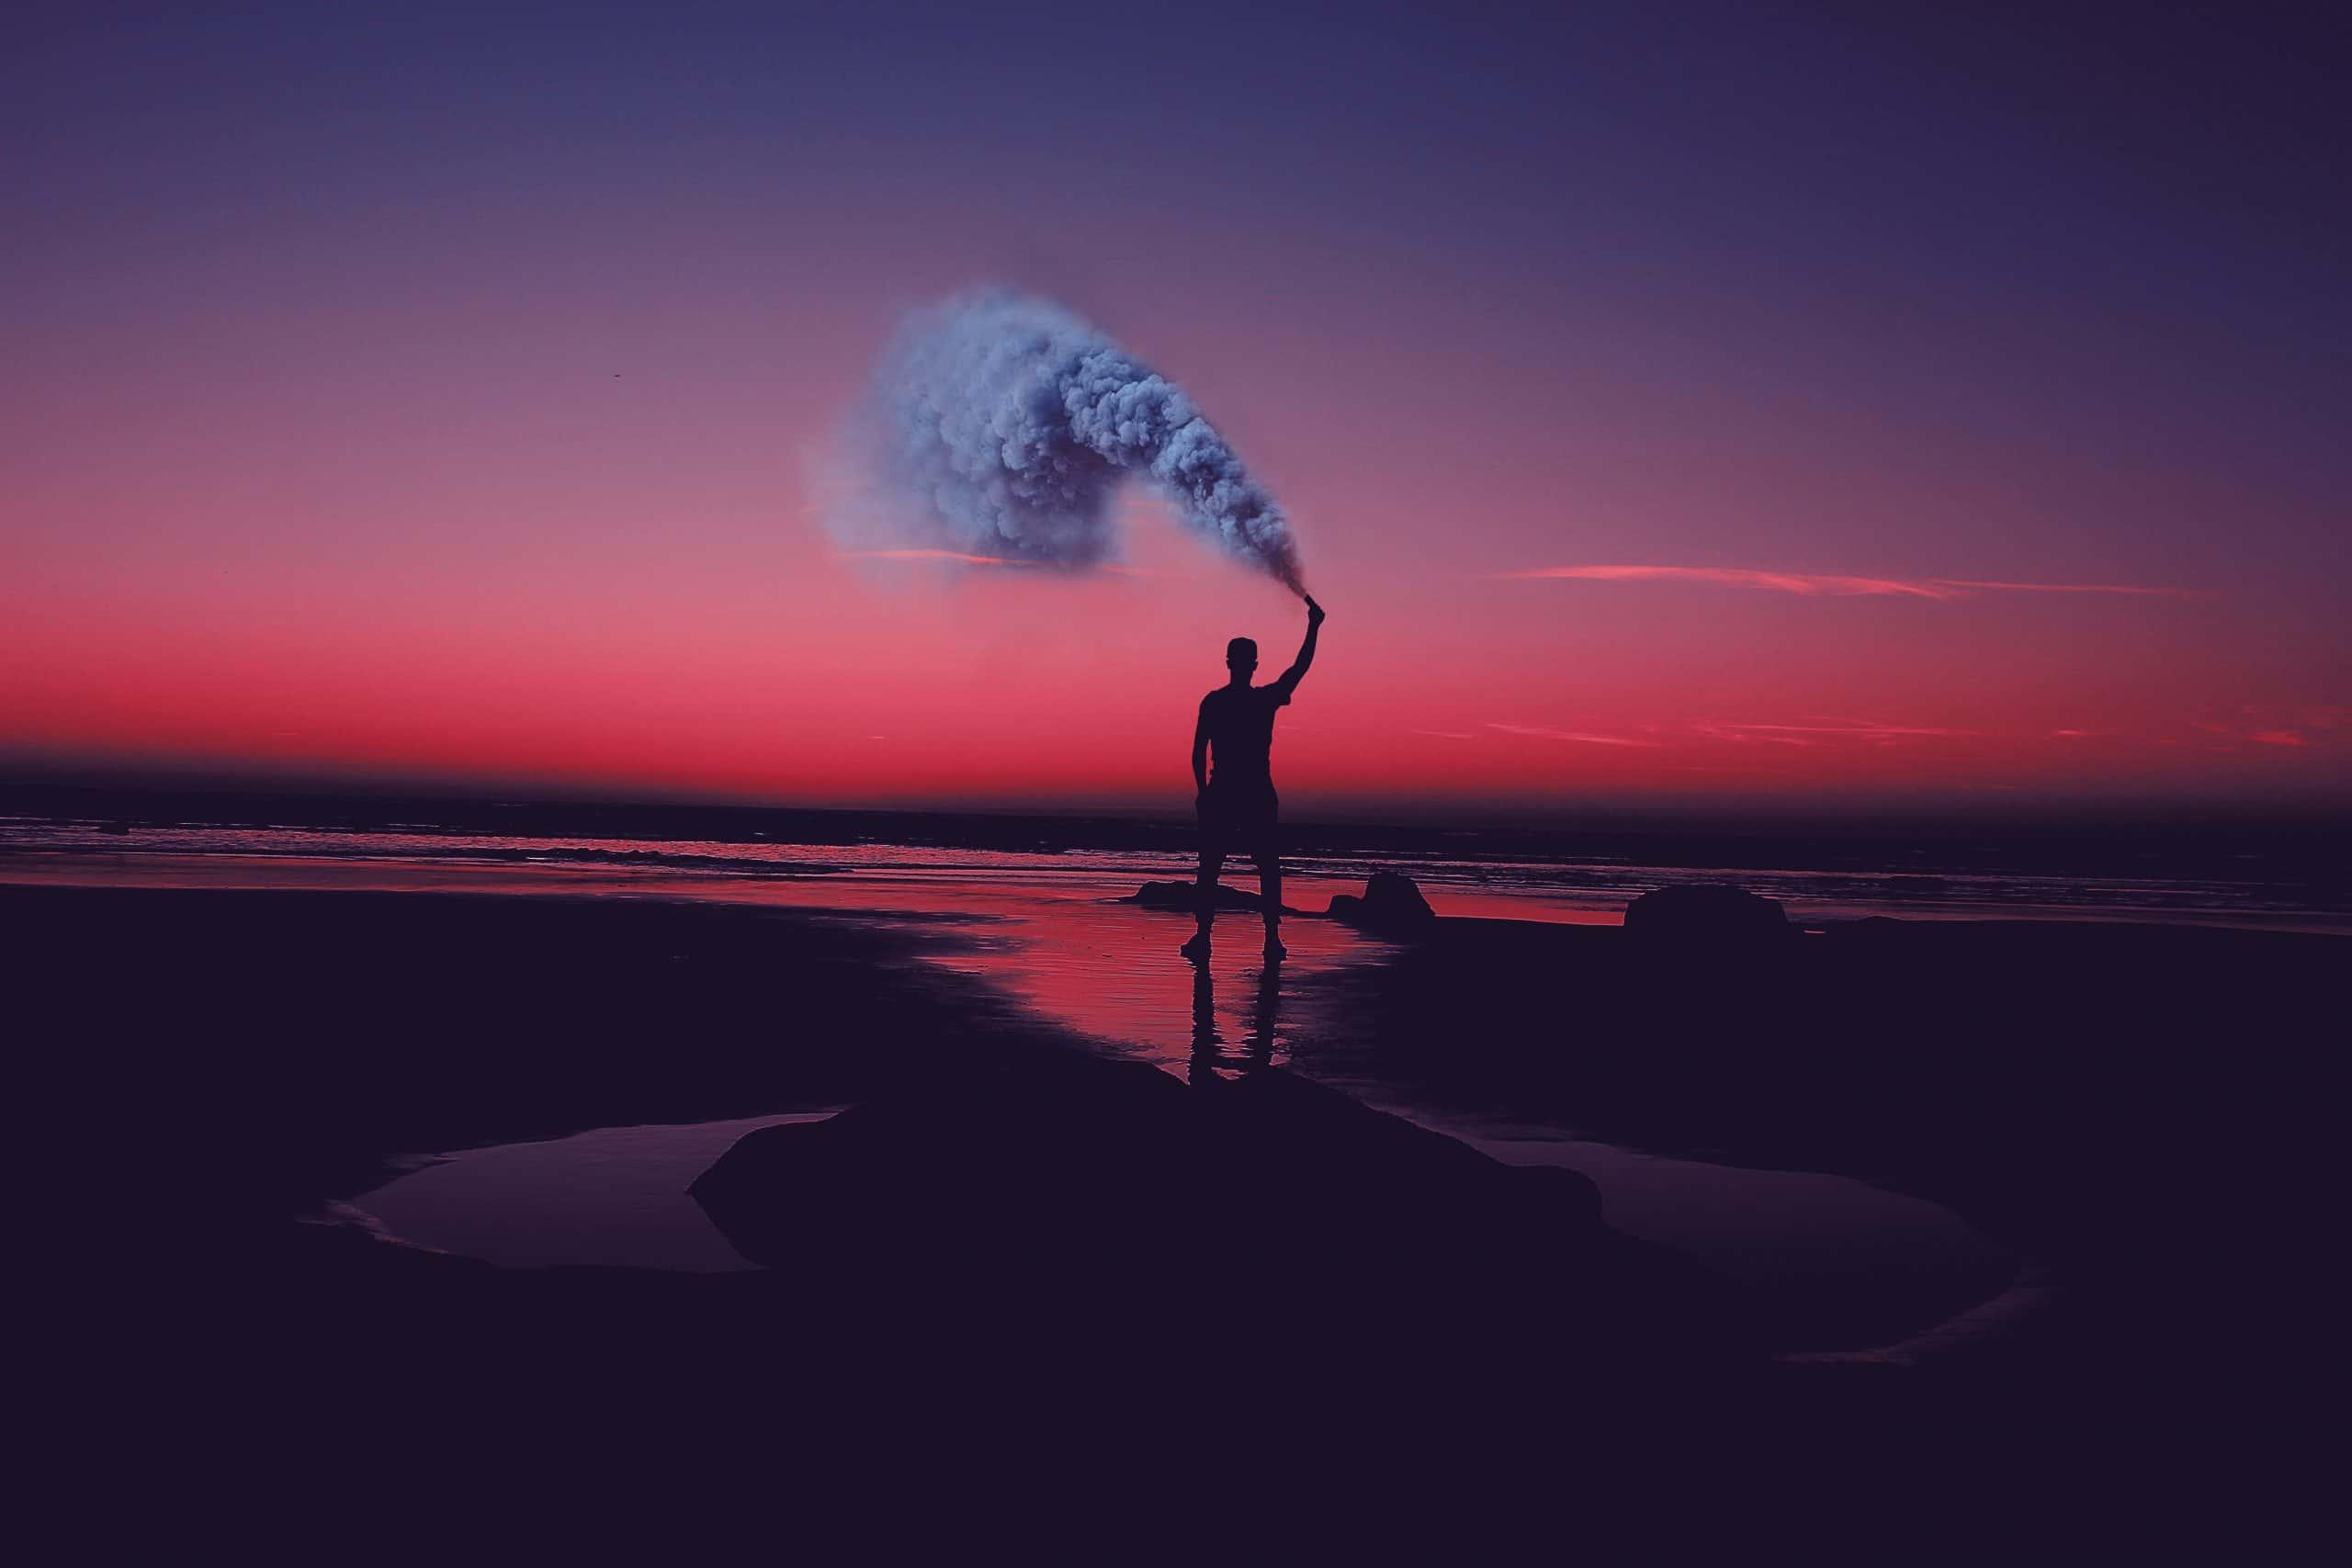 Homem em praia com céu avermelhado segurando tocha com fumaça